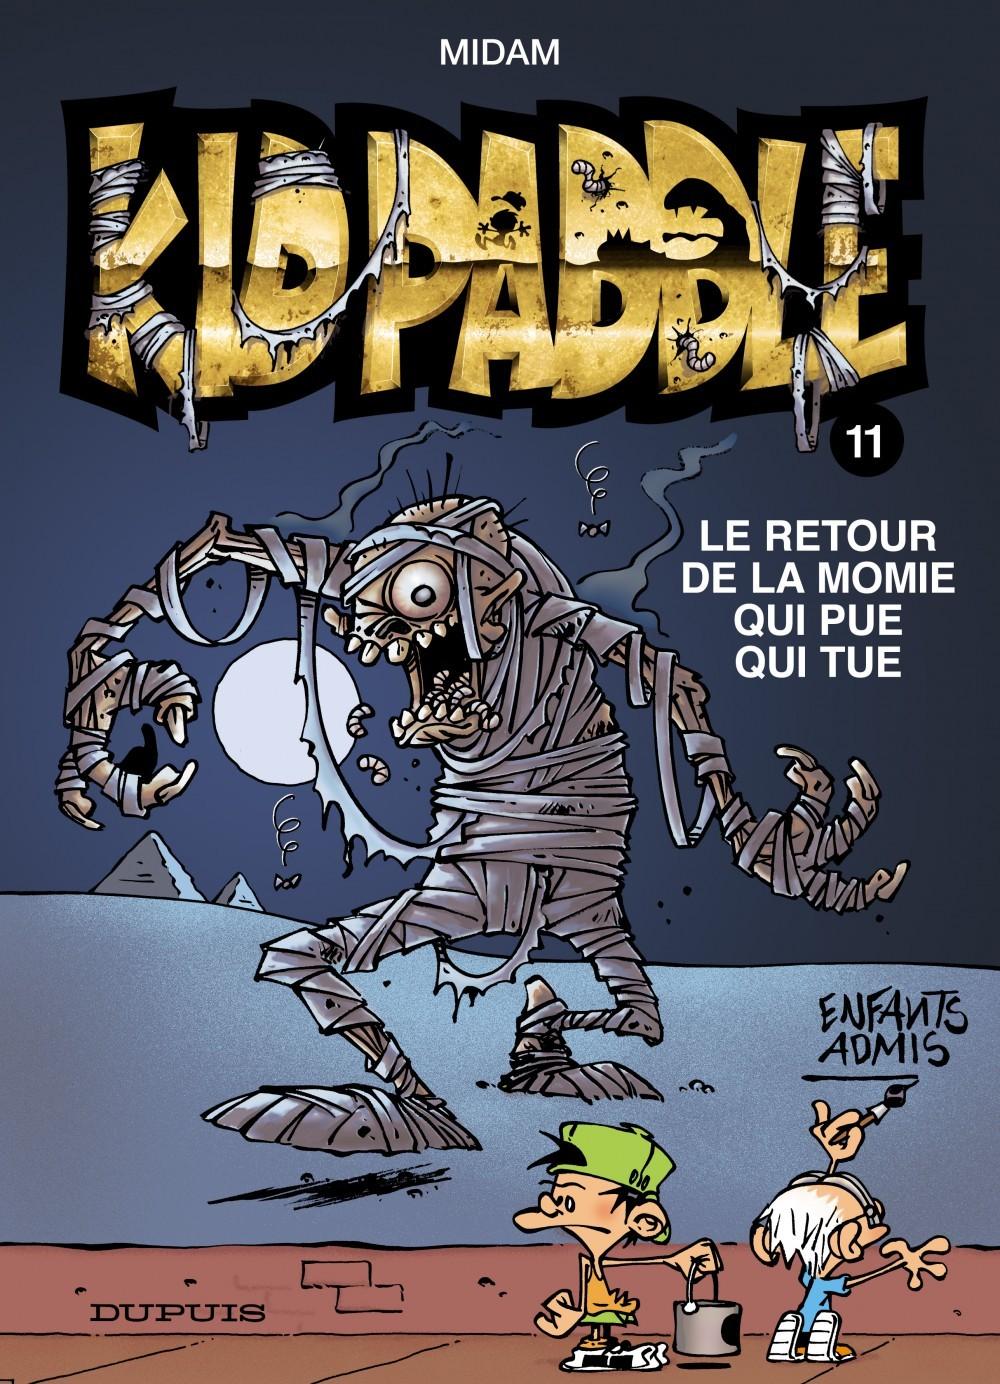 KID PADDLE T11 RETOUR DE LA MOMIE QUI PUE QUI TUE (LE) ODORAMAT